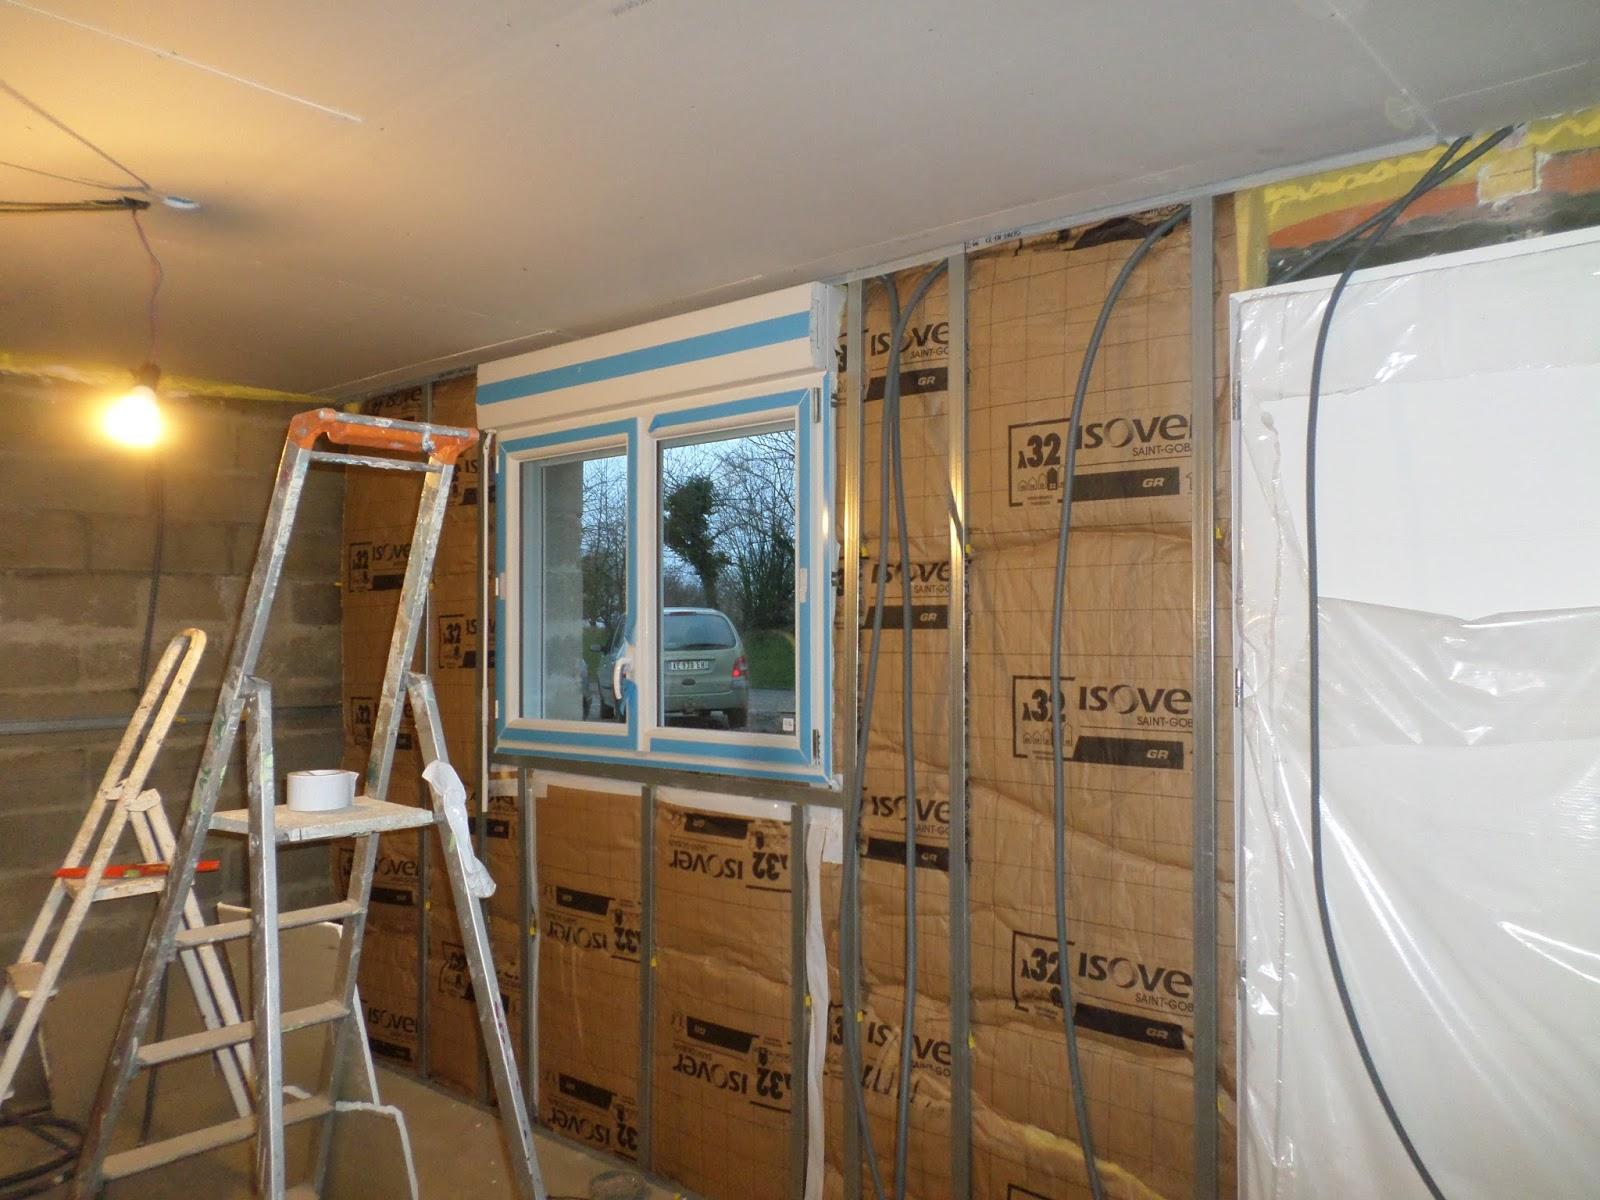 autoconstruction basse normandie doublage cloison en attendant l 39 enduit. Black Bedroom Furniture Sets. Home Design Ideas